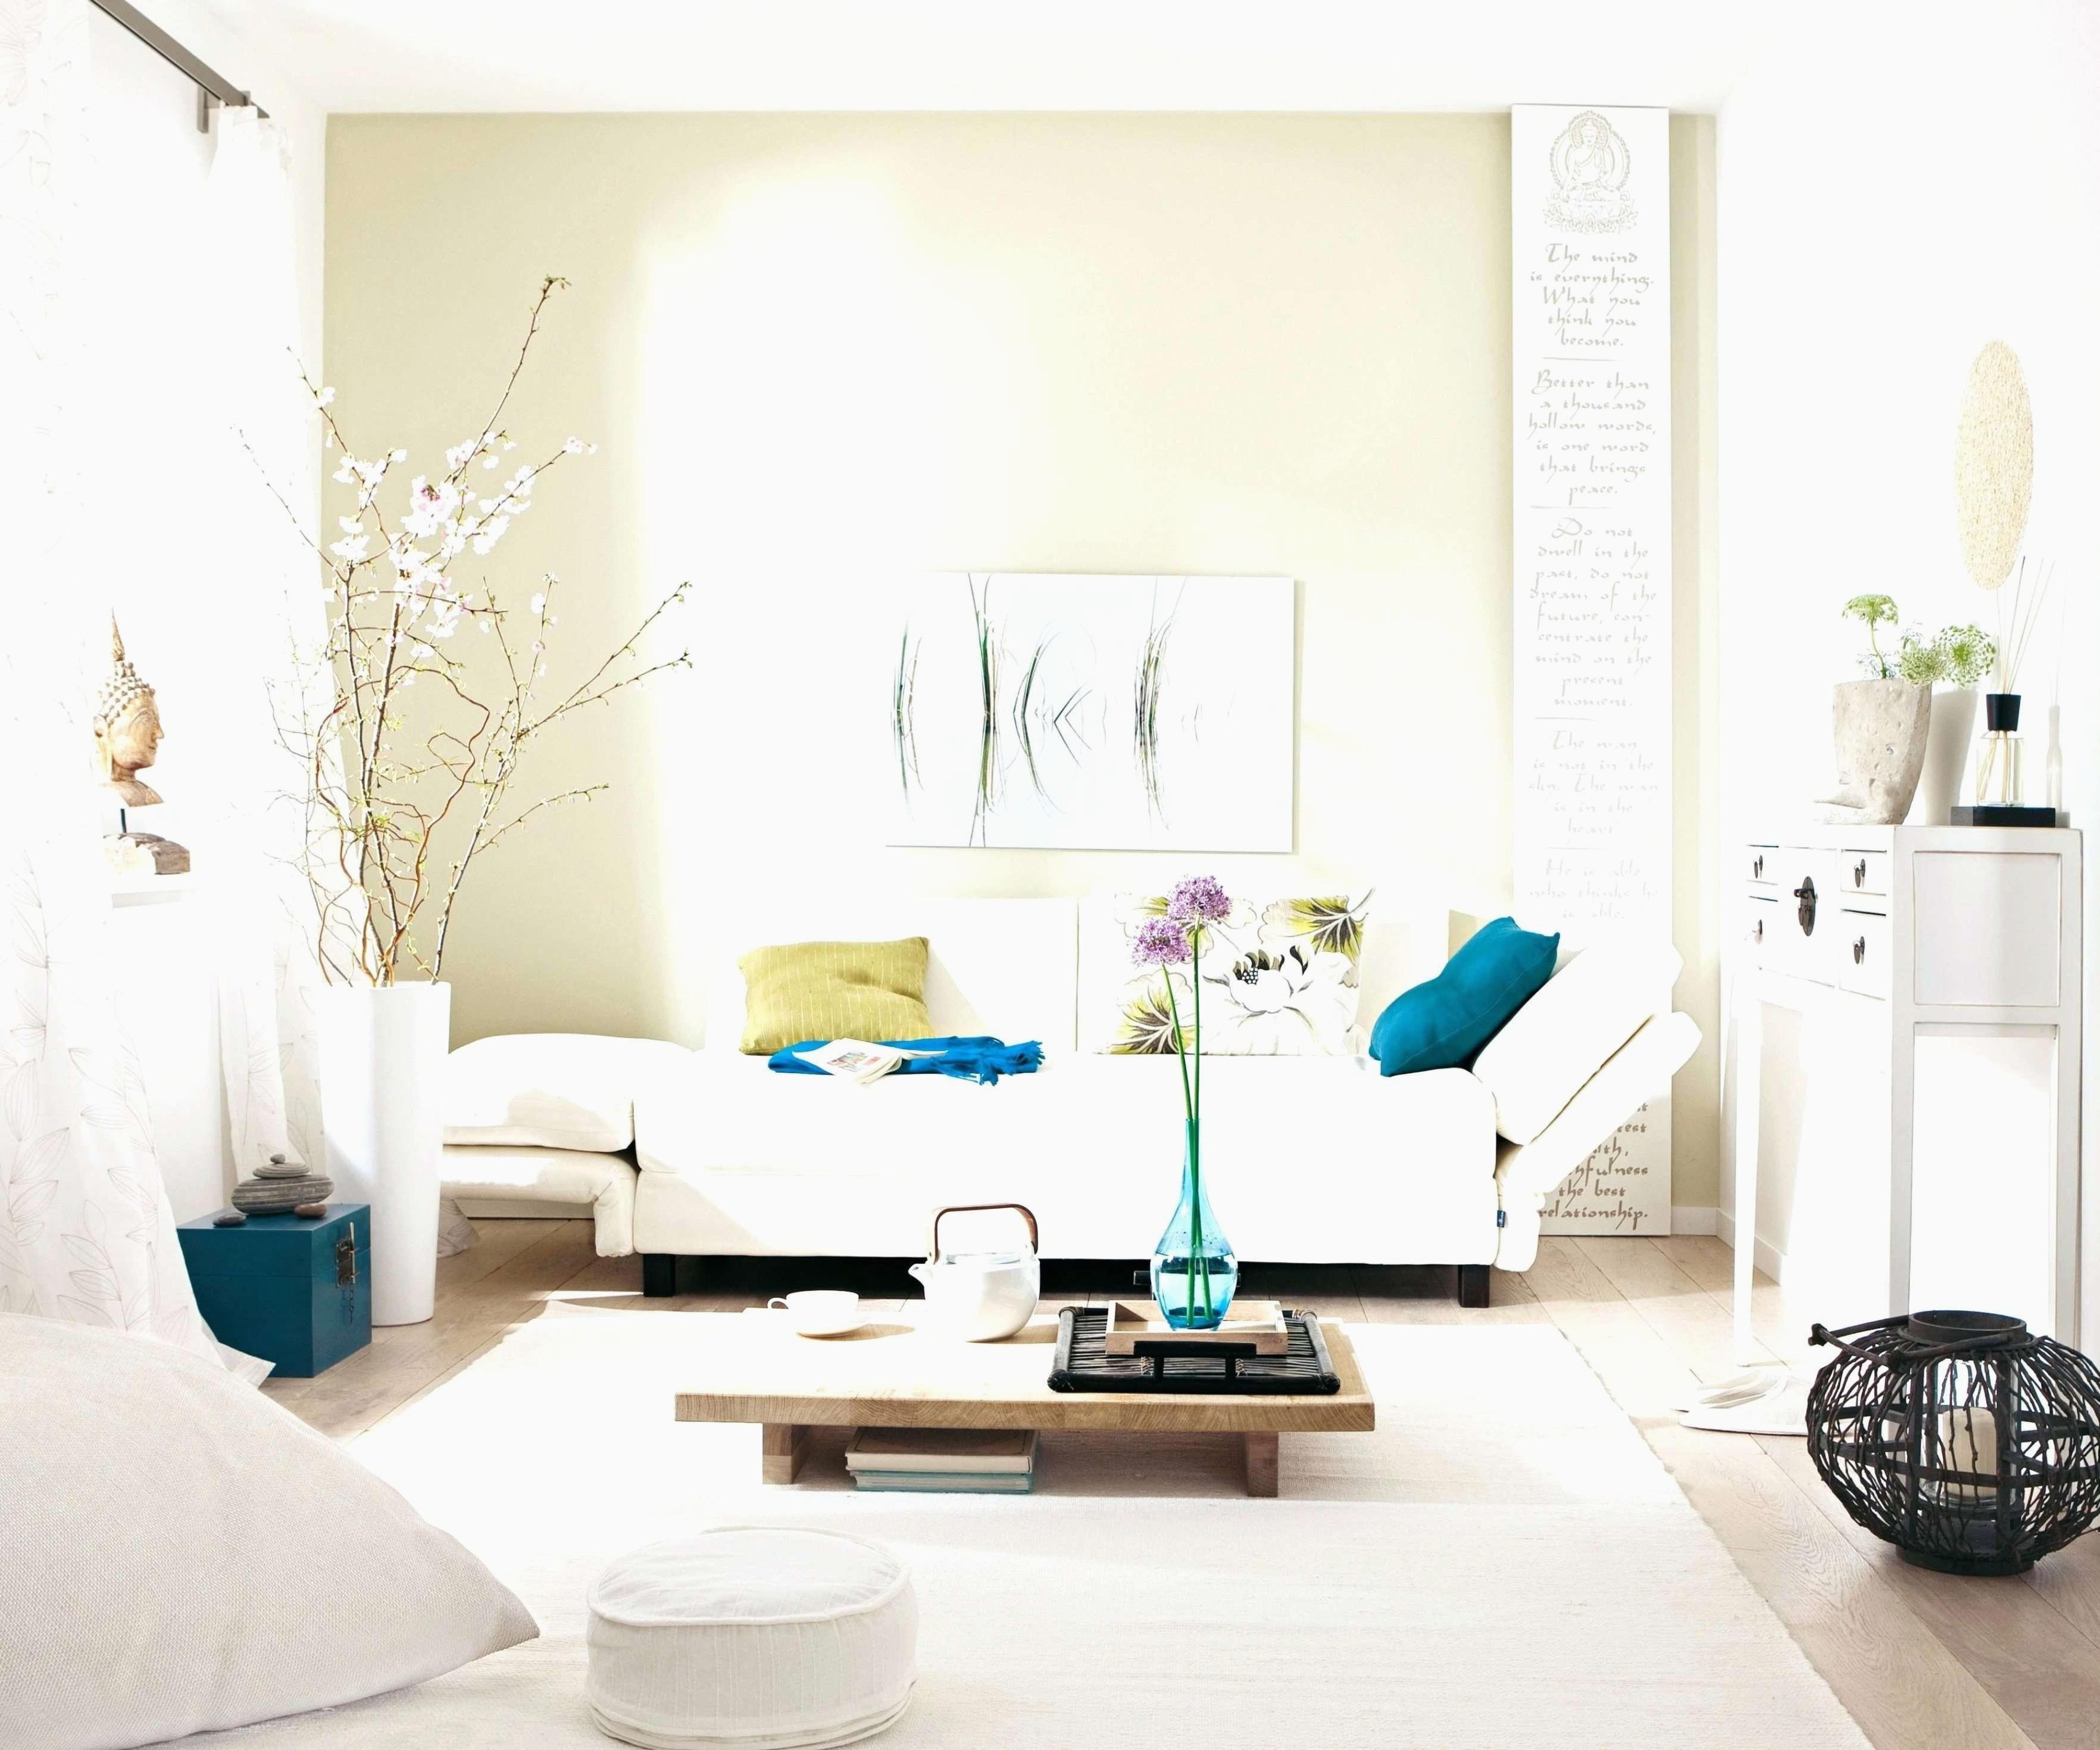 Vliestapete Wohnzimmer Sinnreich Schön Wohnzimmer Wand